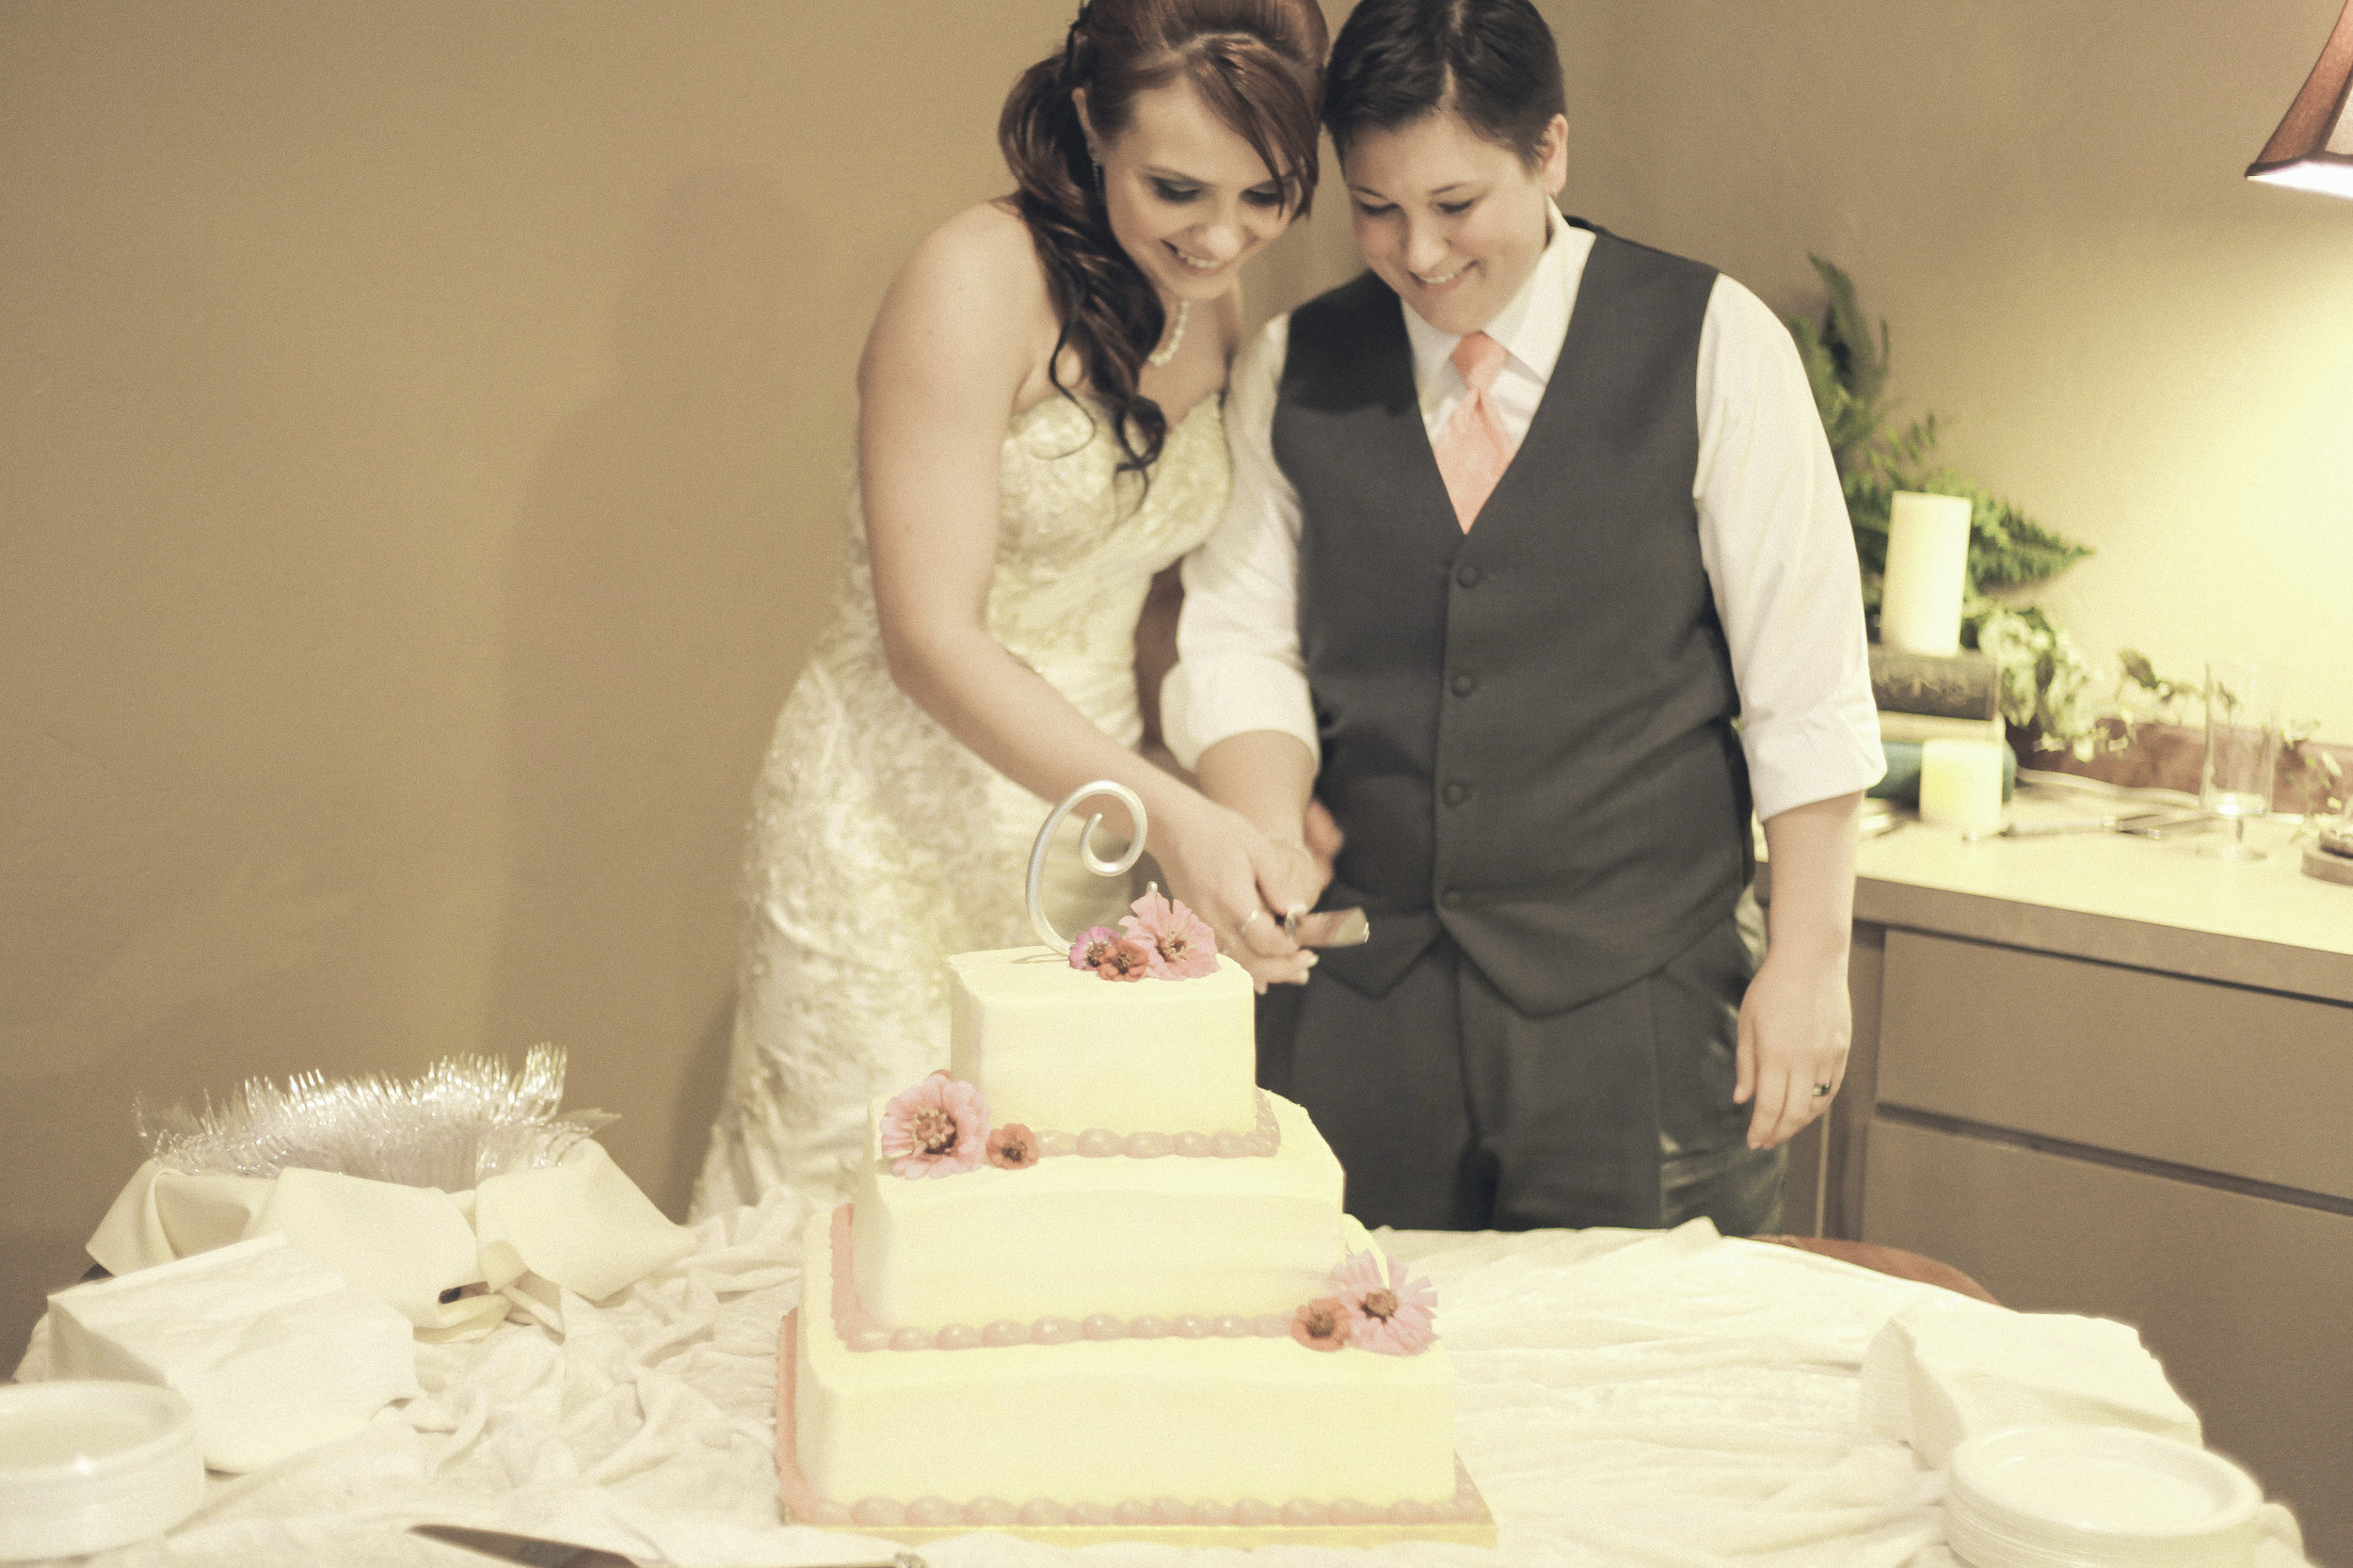 Devon Sara Married-Devon Sara-0137.jpg